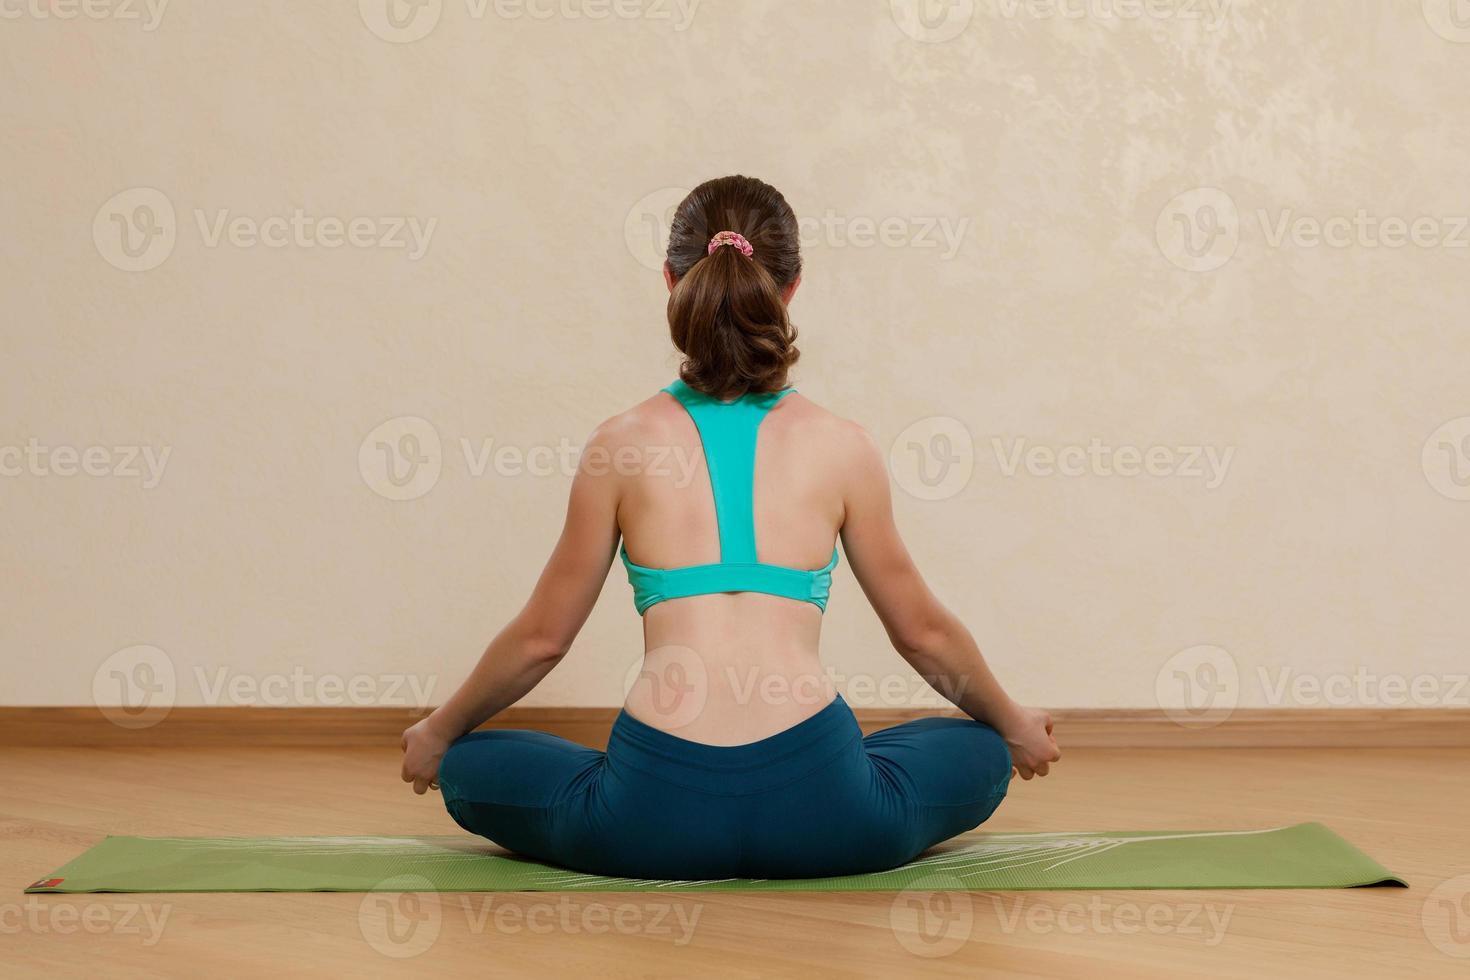 mulher caucasiana está praticando ioga no estúdio (sukkhasana) foto